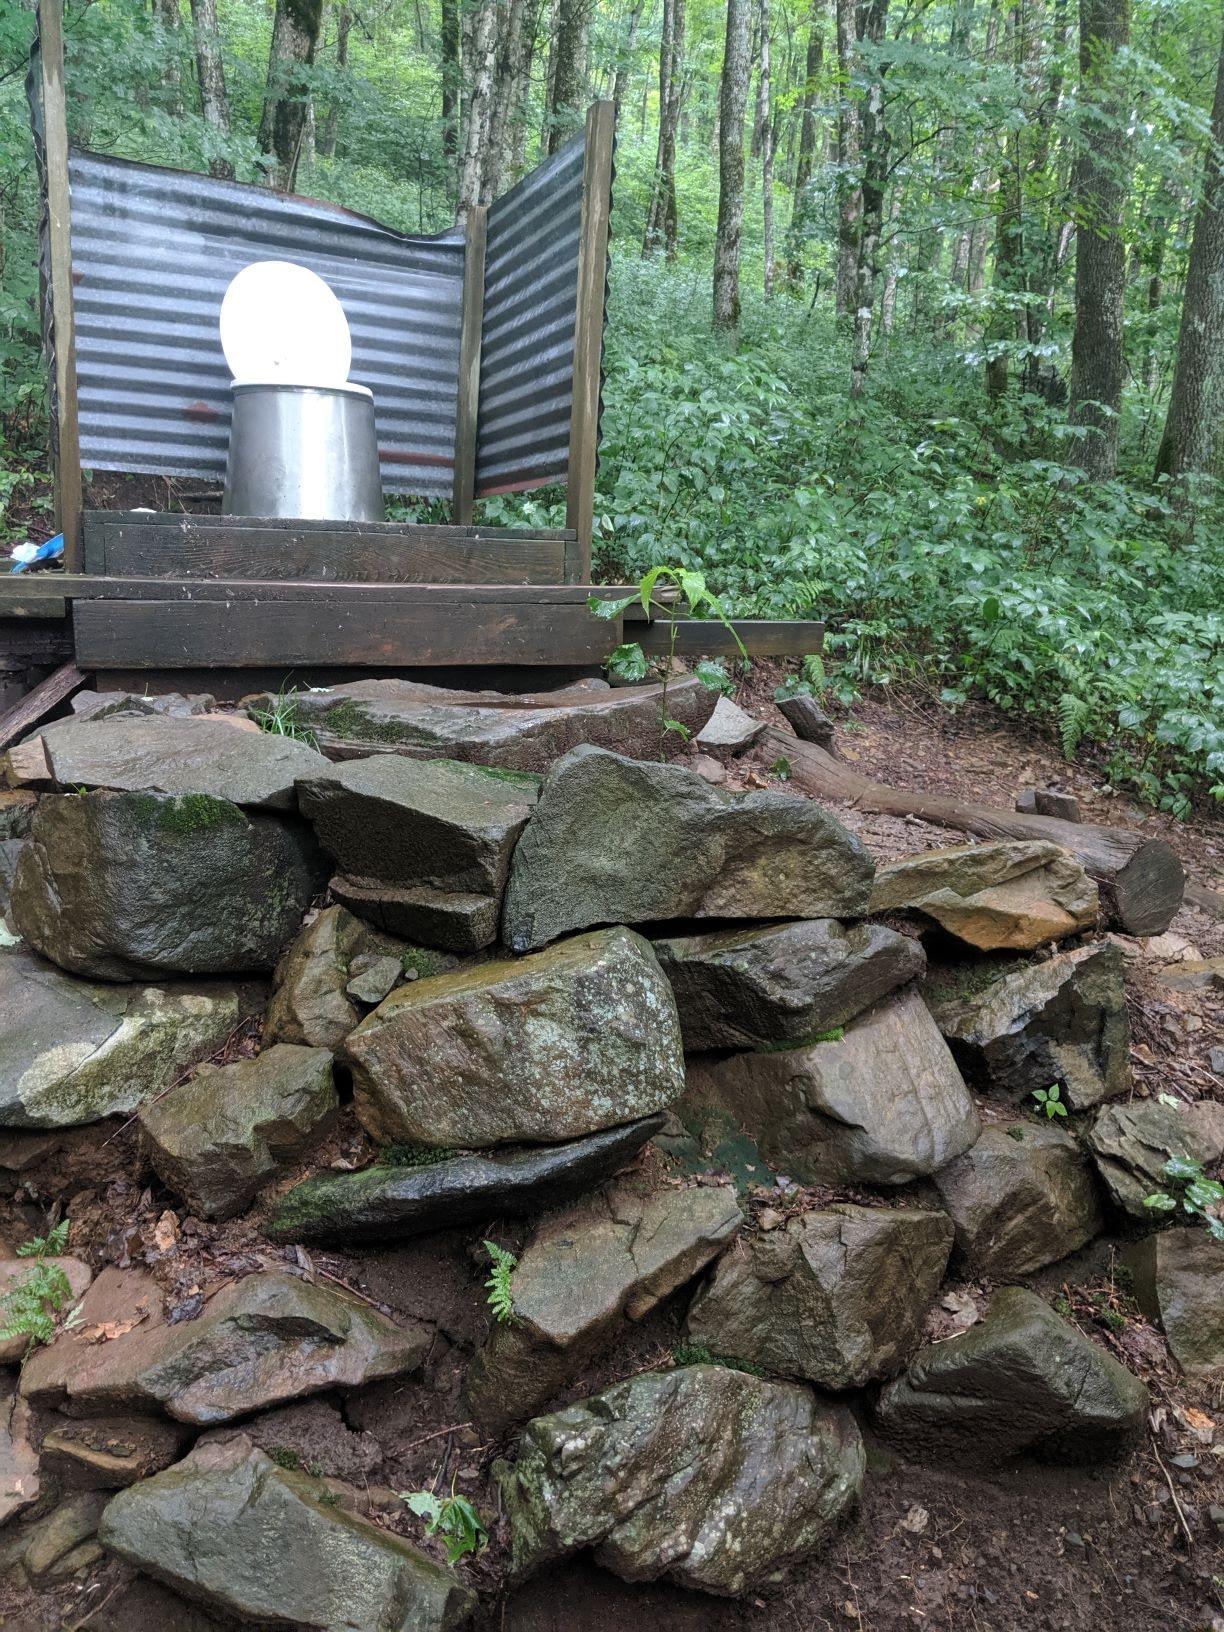 toilet at roan highlands